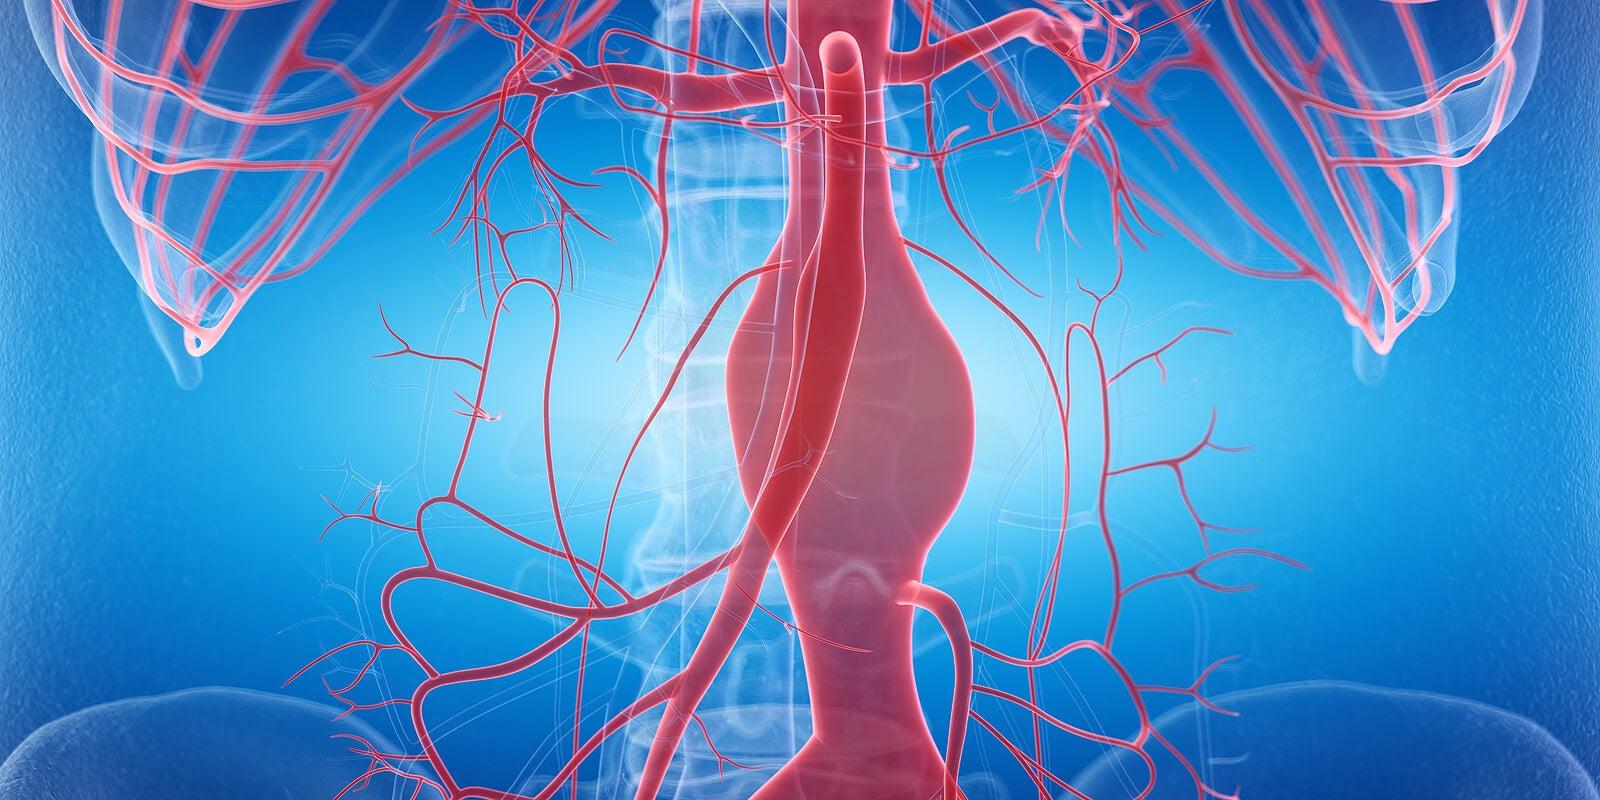 Aneurisma por hipertensión arterial.